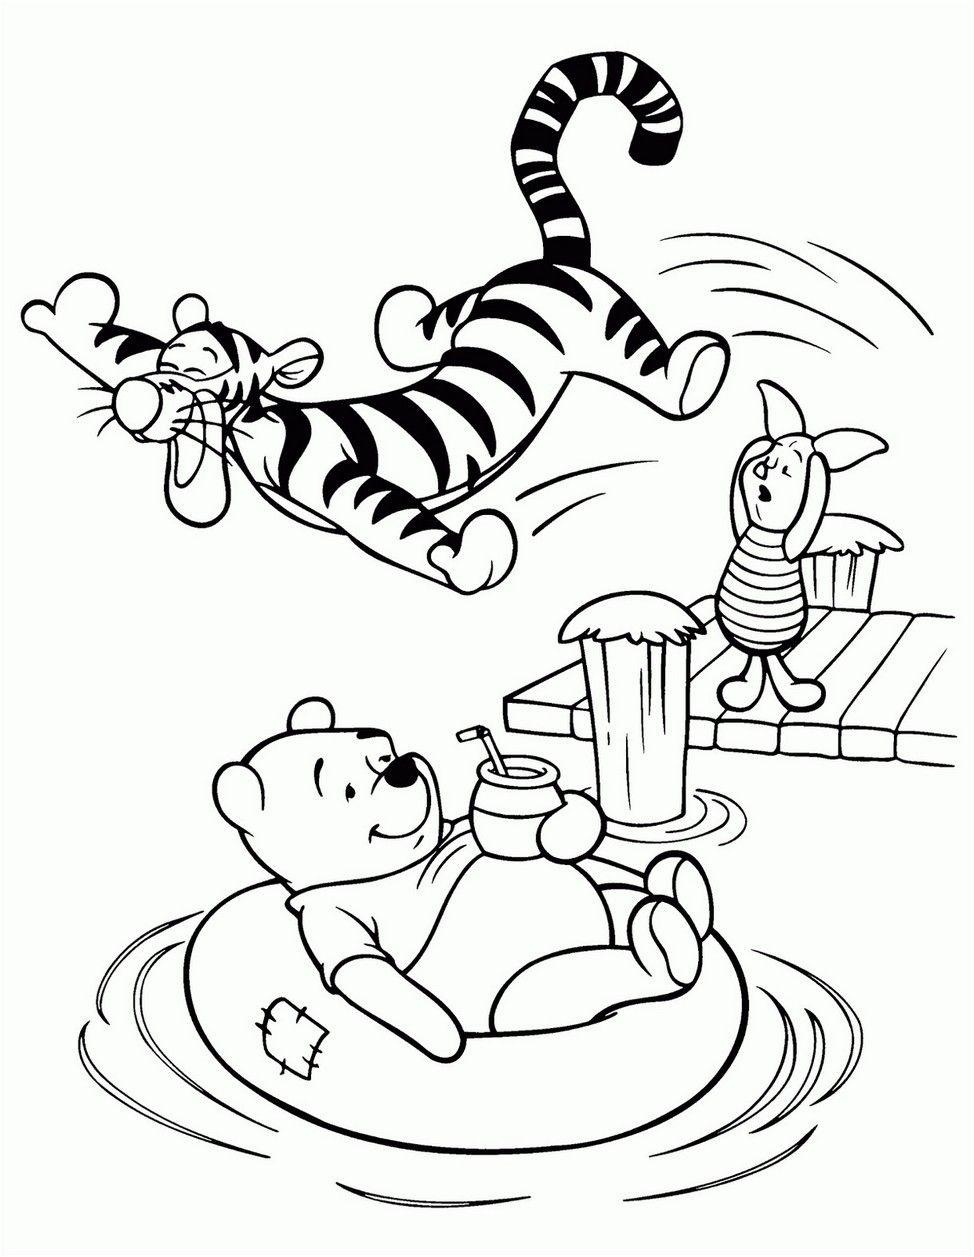 Coloring Page Winnie The Pooh Printable Winnie The Pooh Drawing Coloring Books Bear Coloring Pages